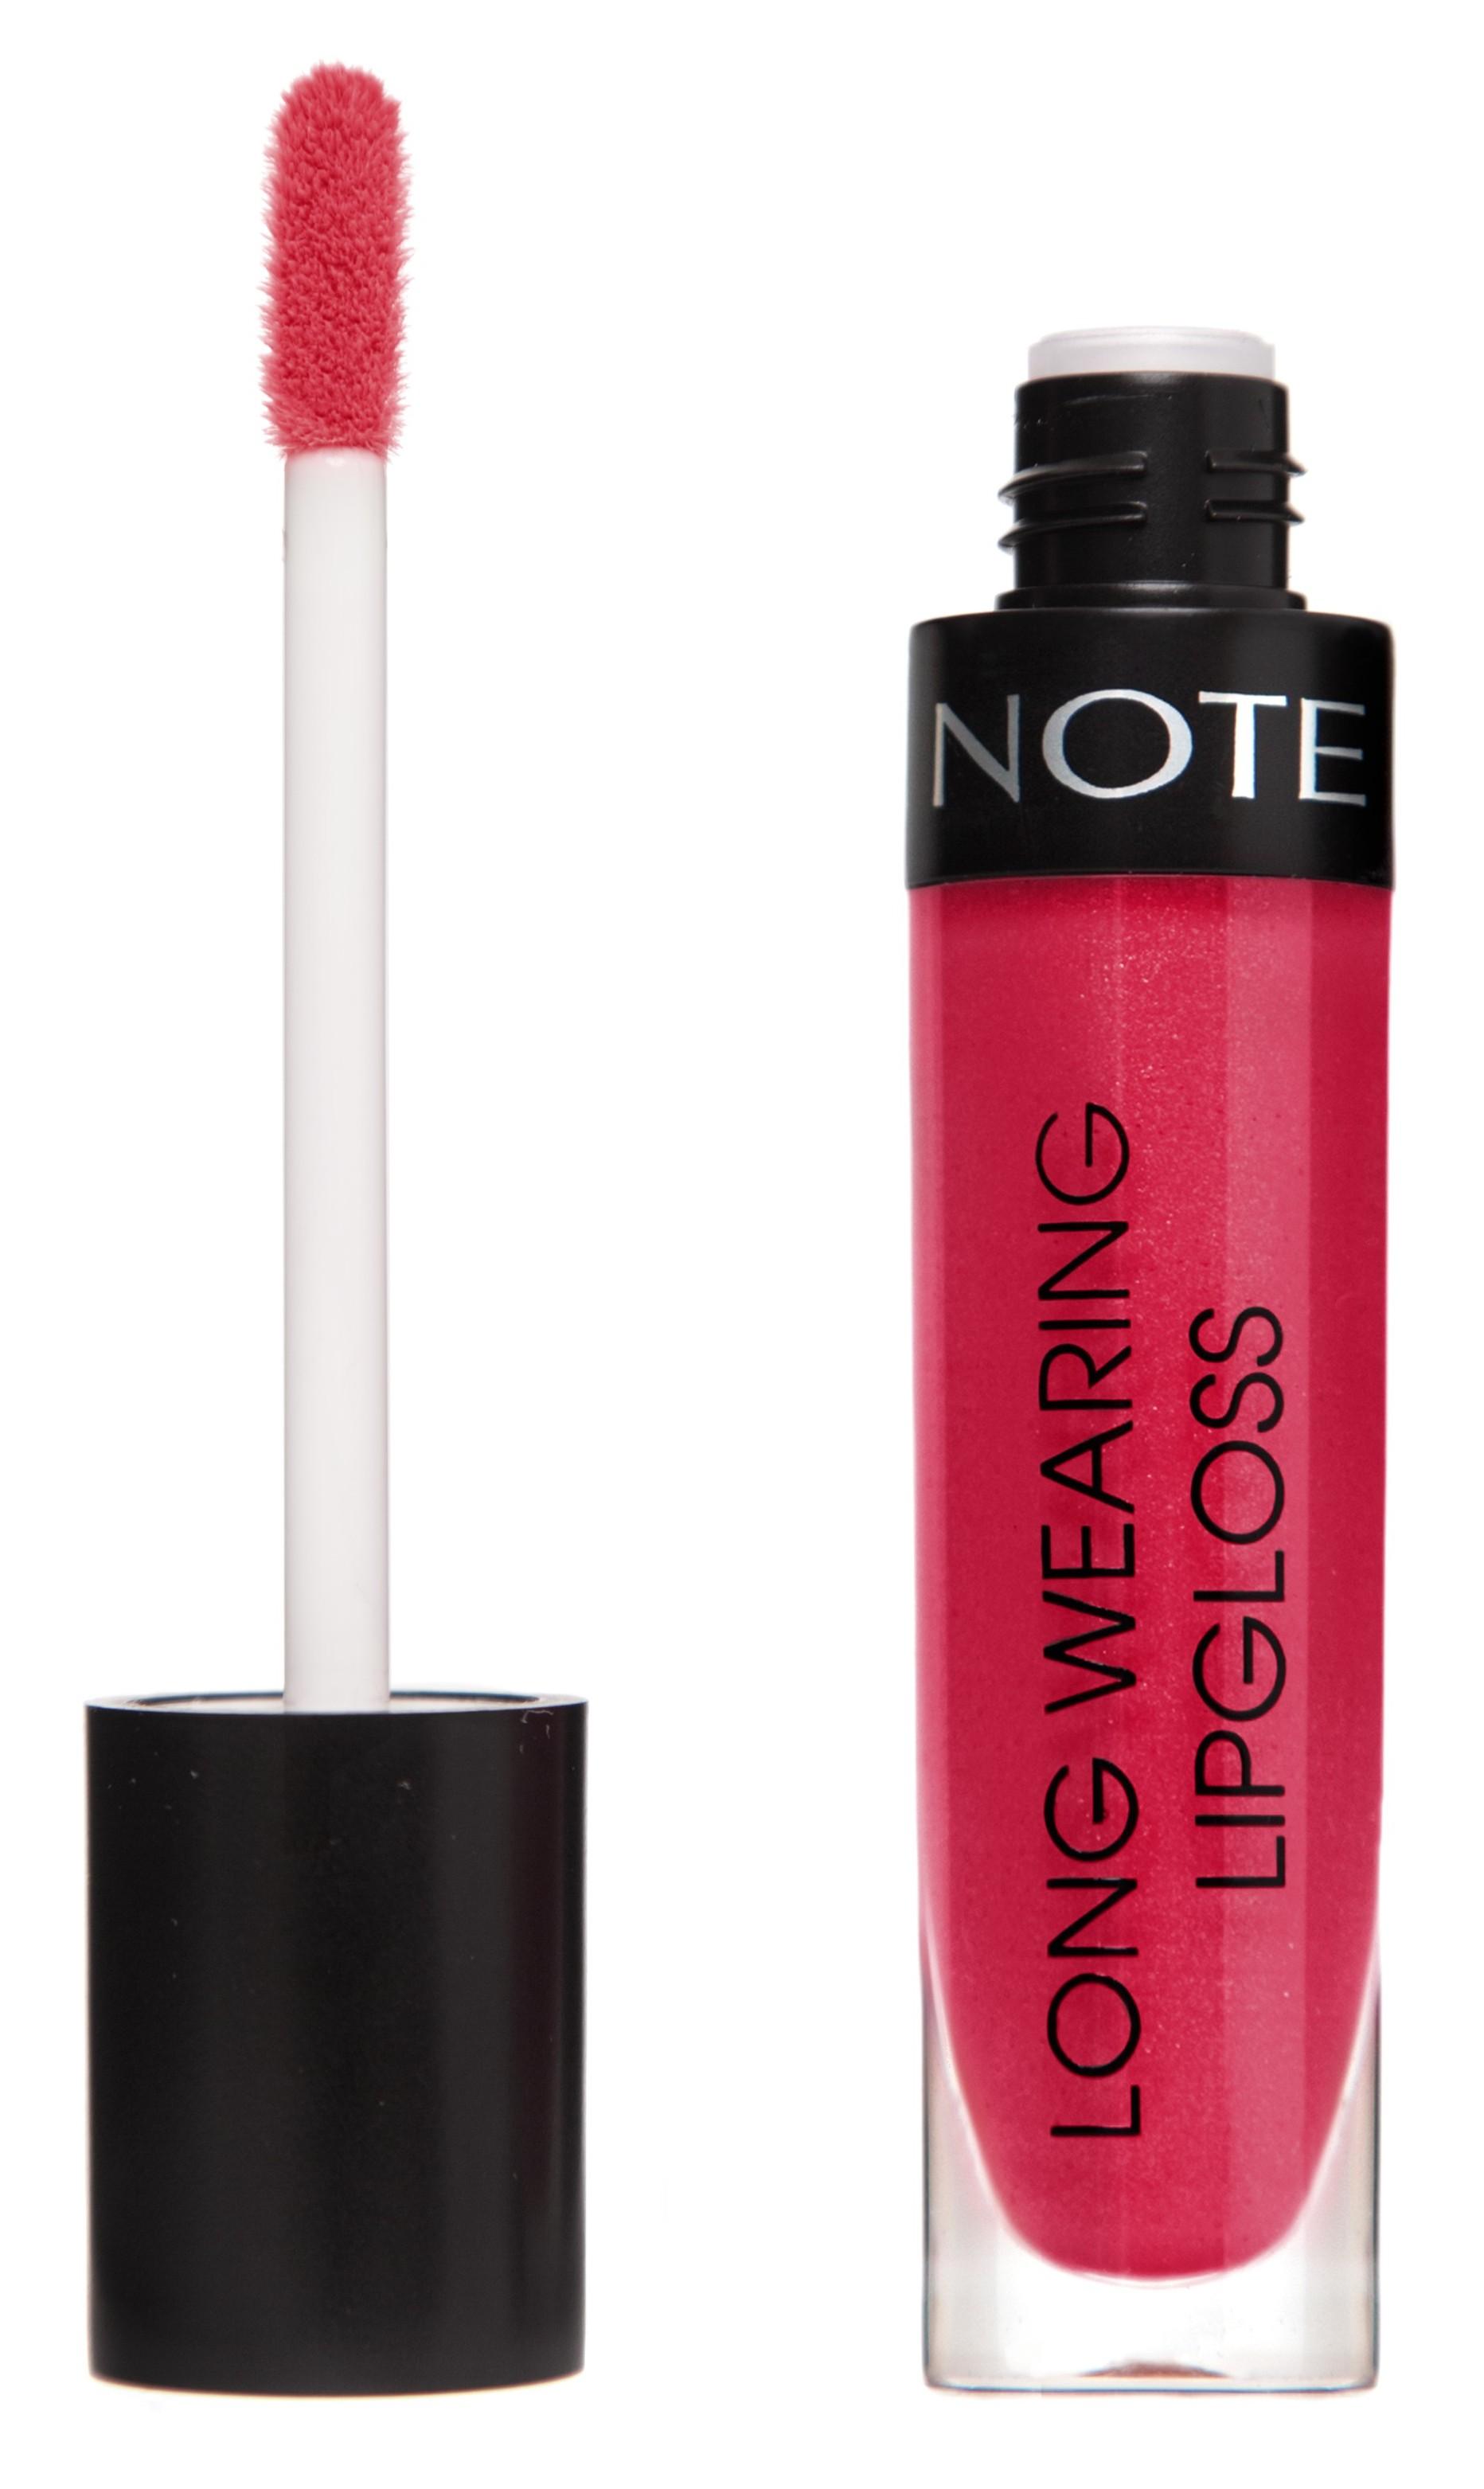 Купить NOTE Cosmetics Блеск стойкий для губ 18 / LONG WEARING LIPGLOSS 6 мл